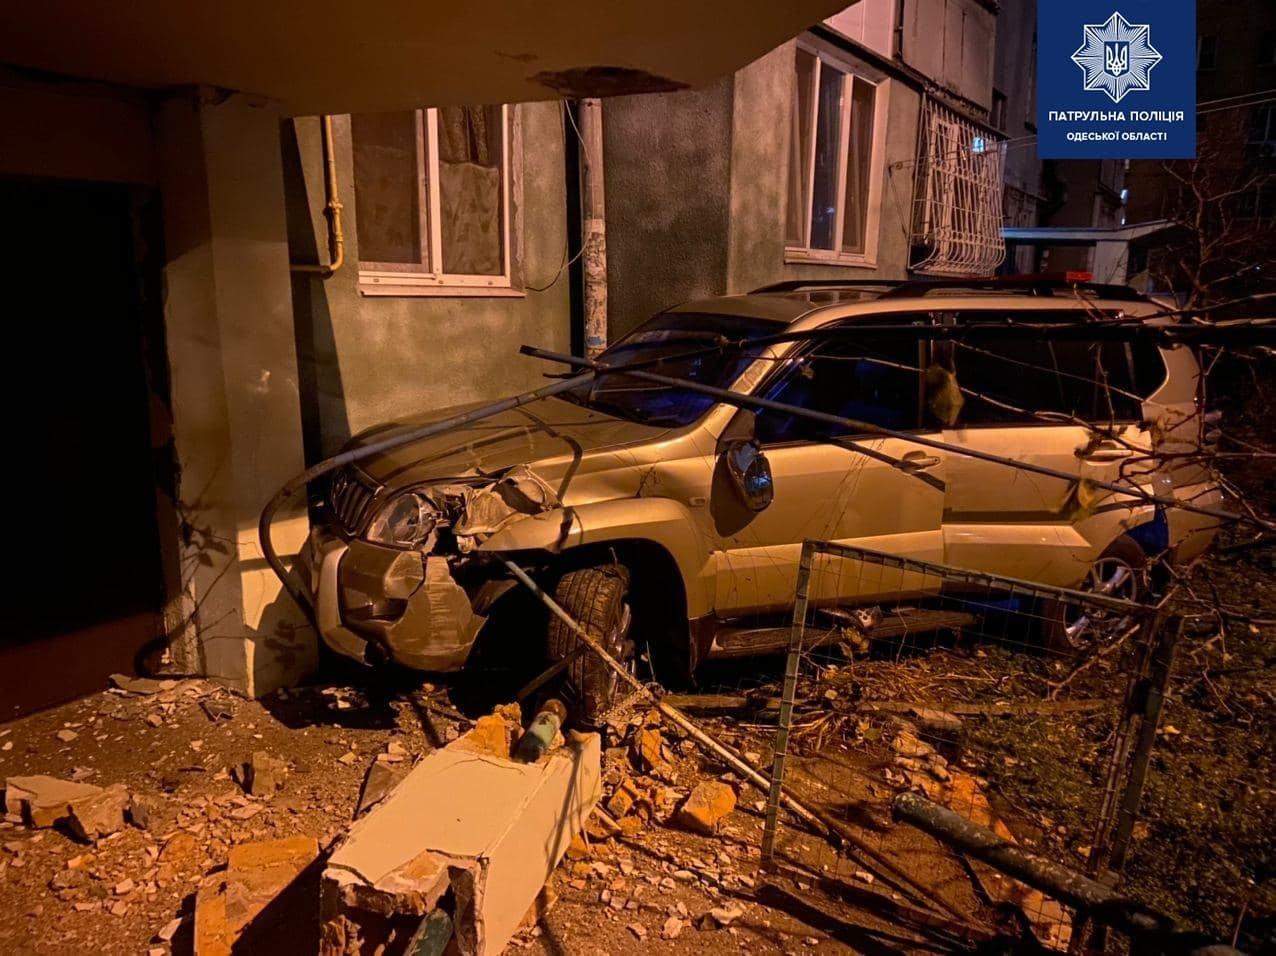 В Одессе нетрезвый водитель устроил погоню: его остановил подъезд дома, - ФОТО, ВИДЕО , фото-2